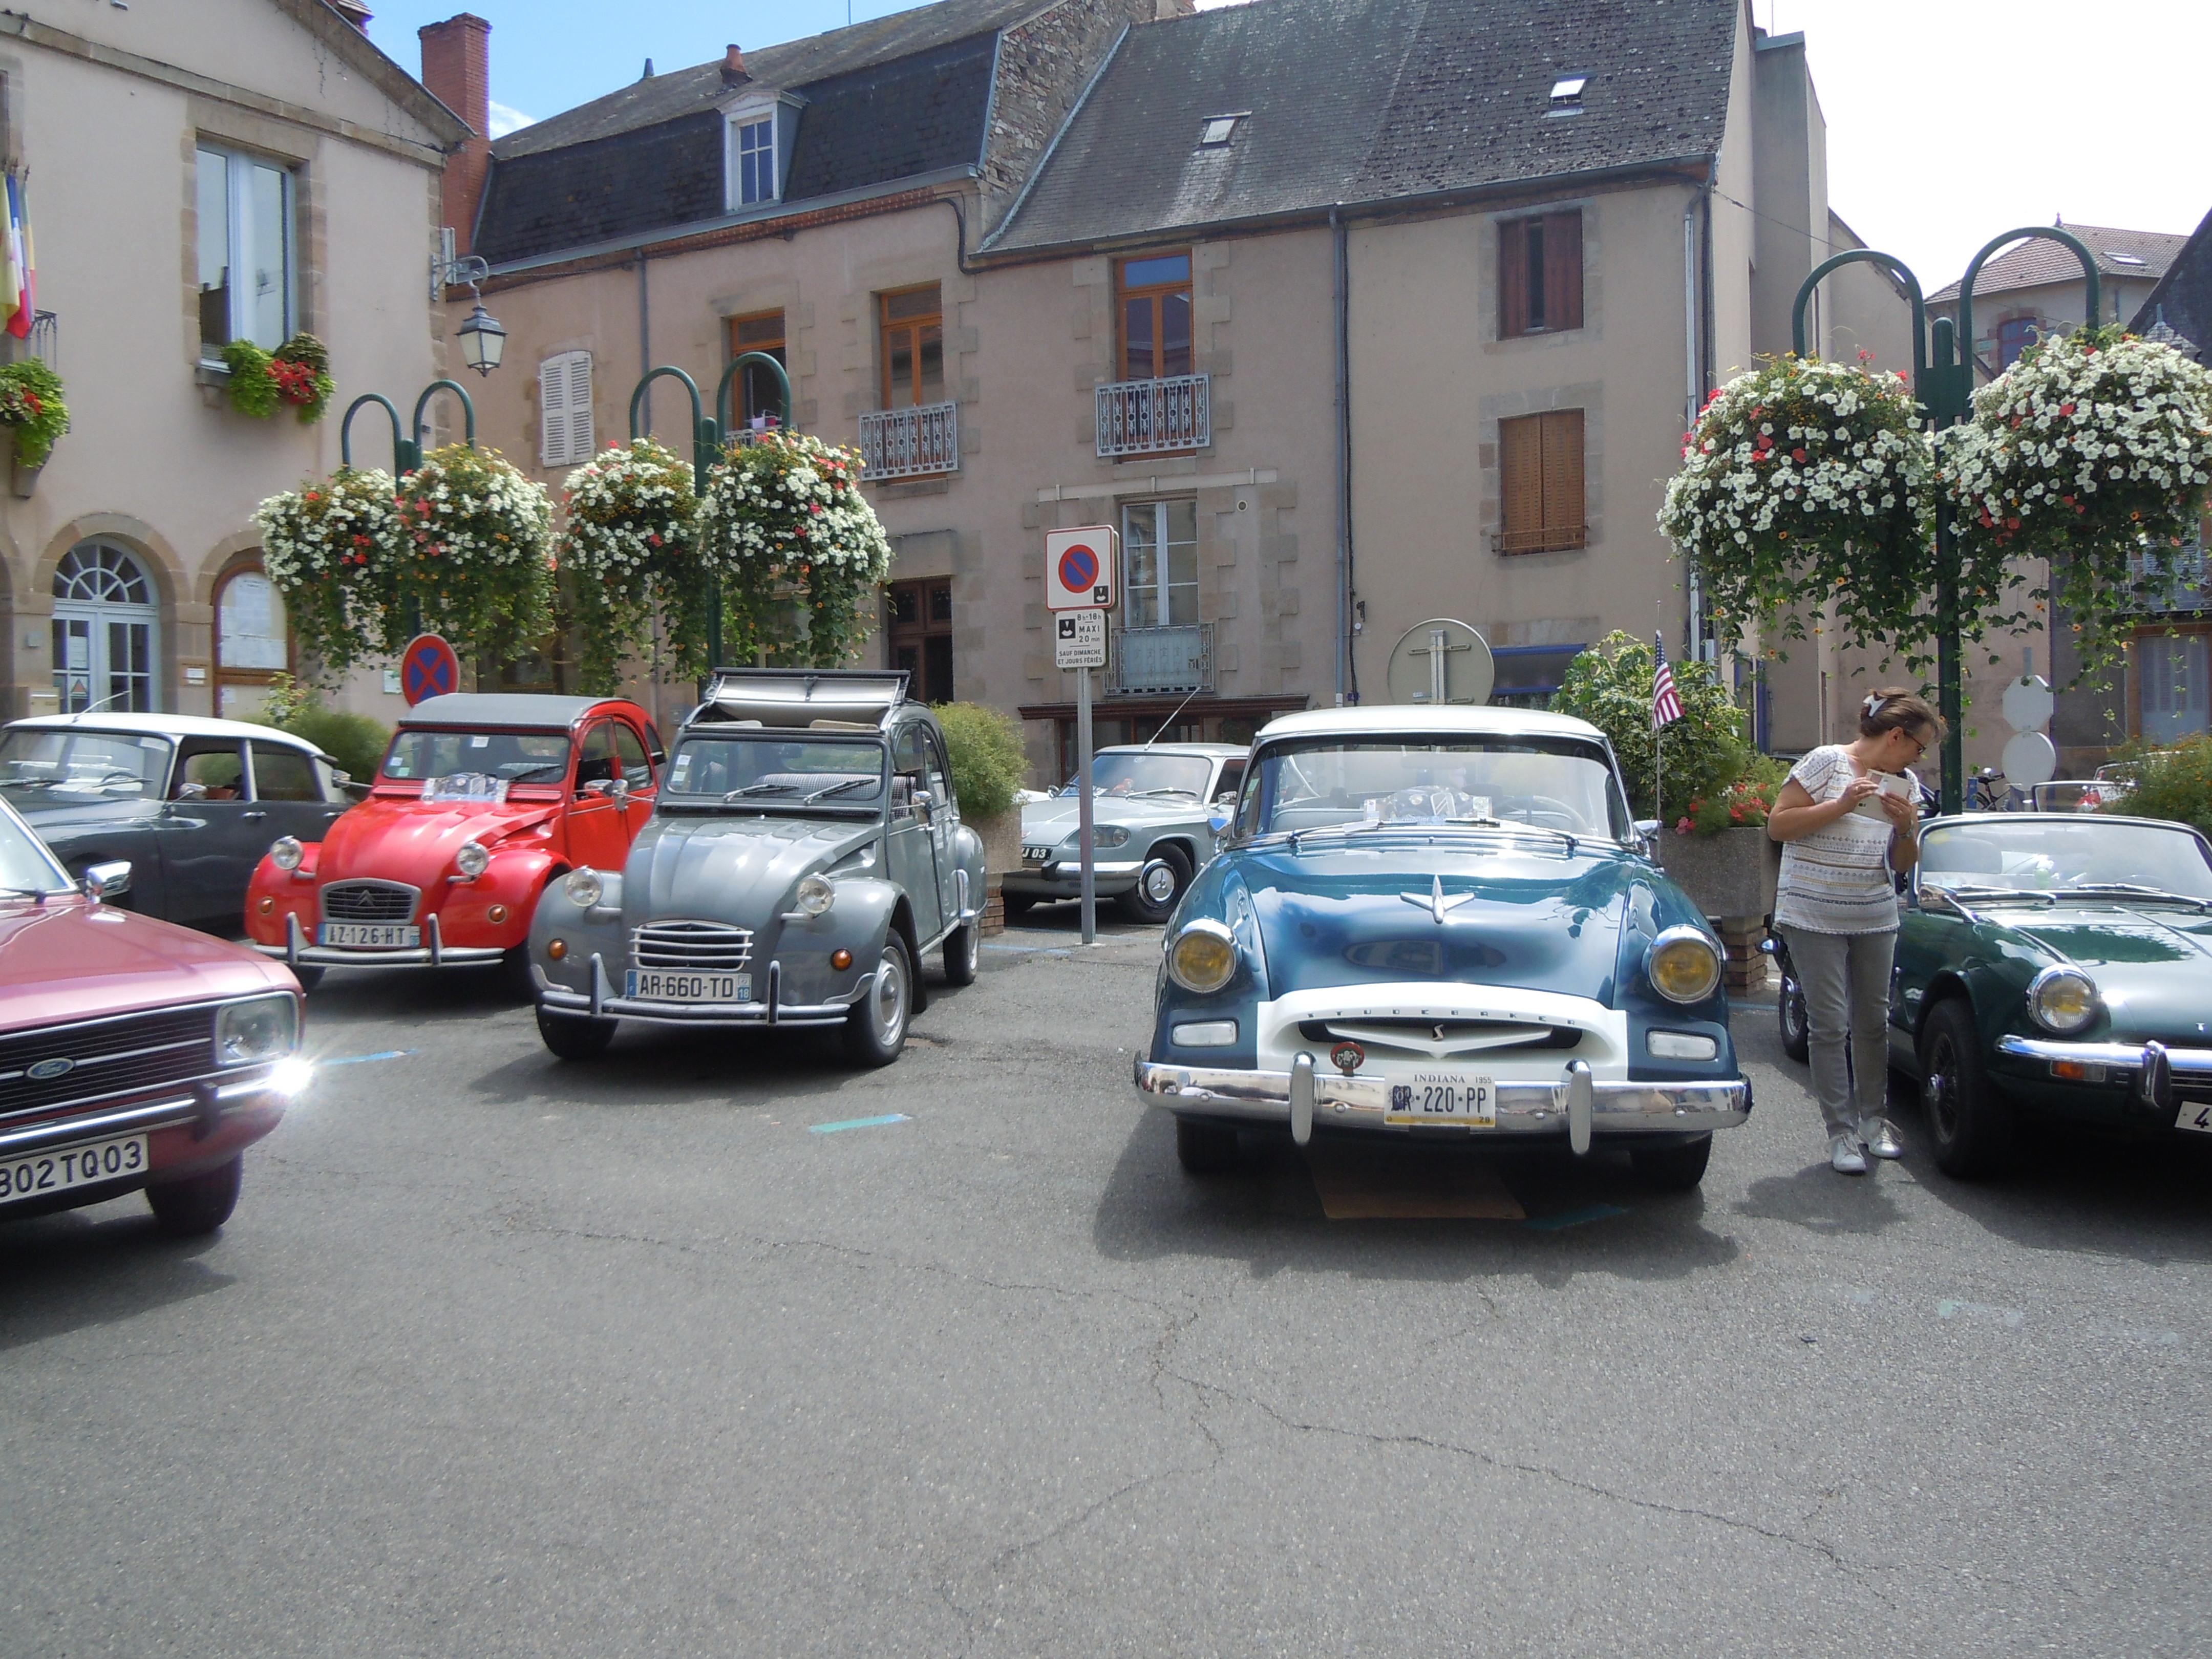 thermallier classique Ⓒ Office de tourisme de Néris-les-Bains